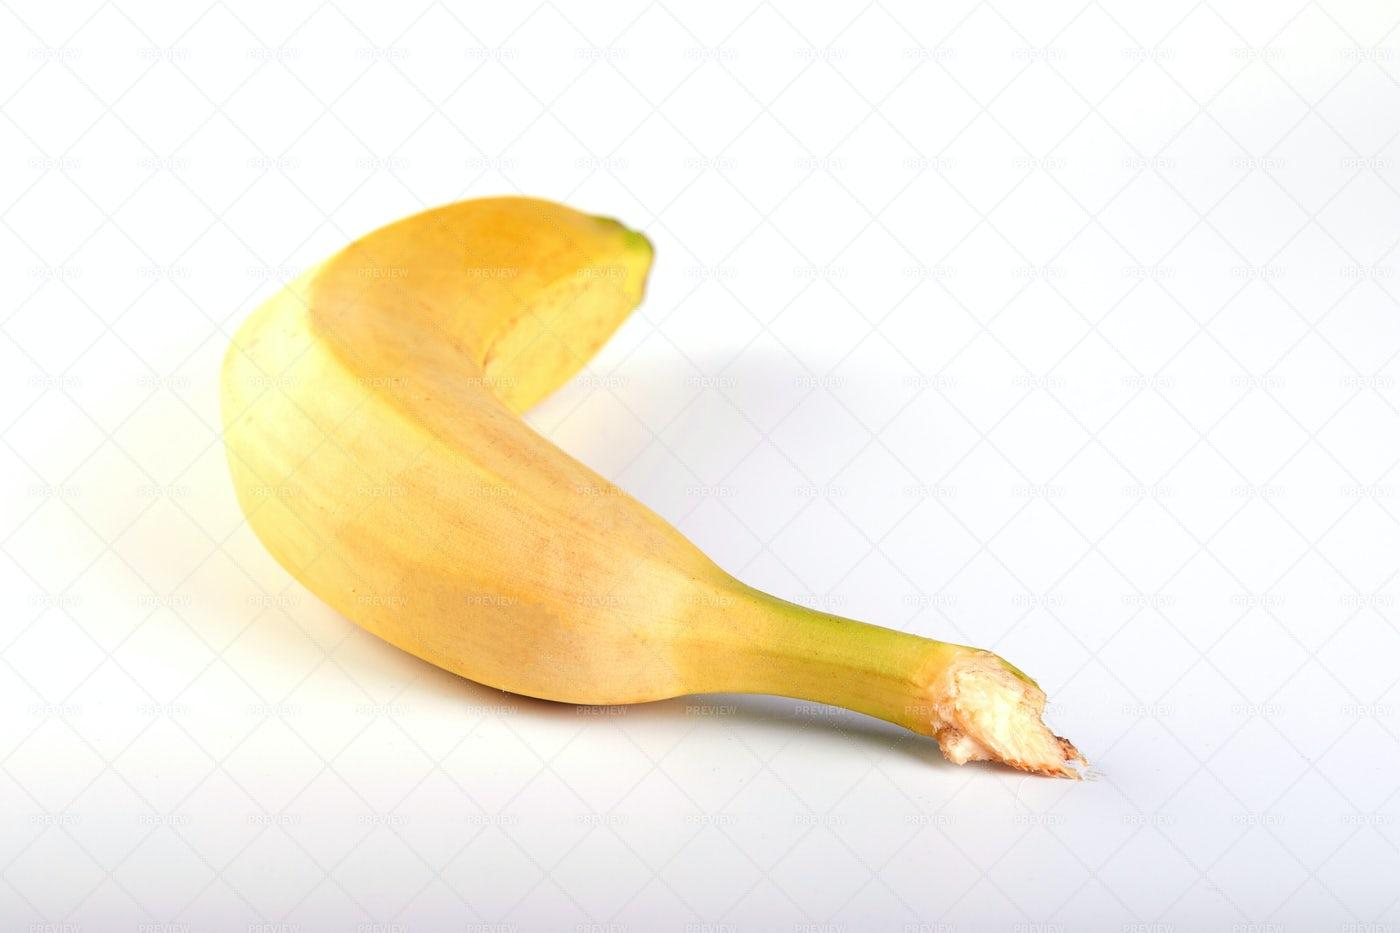 Banana: Stock Photos